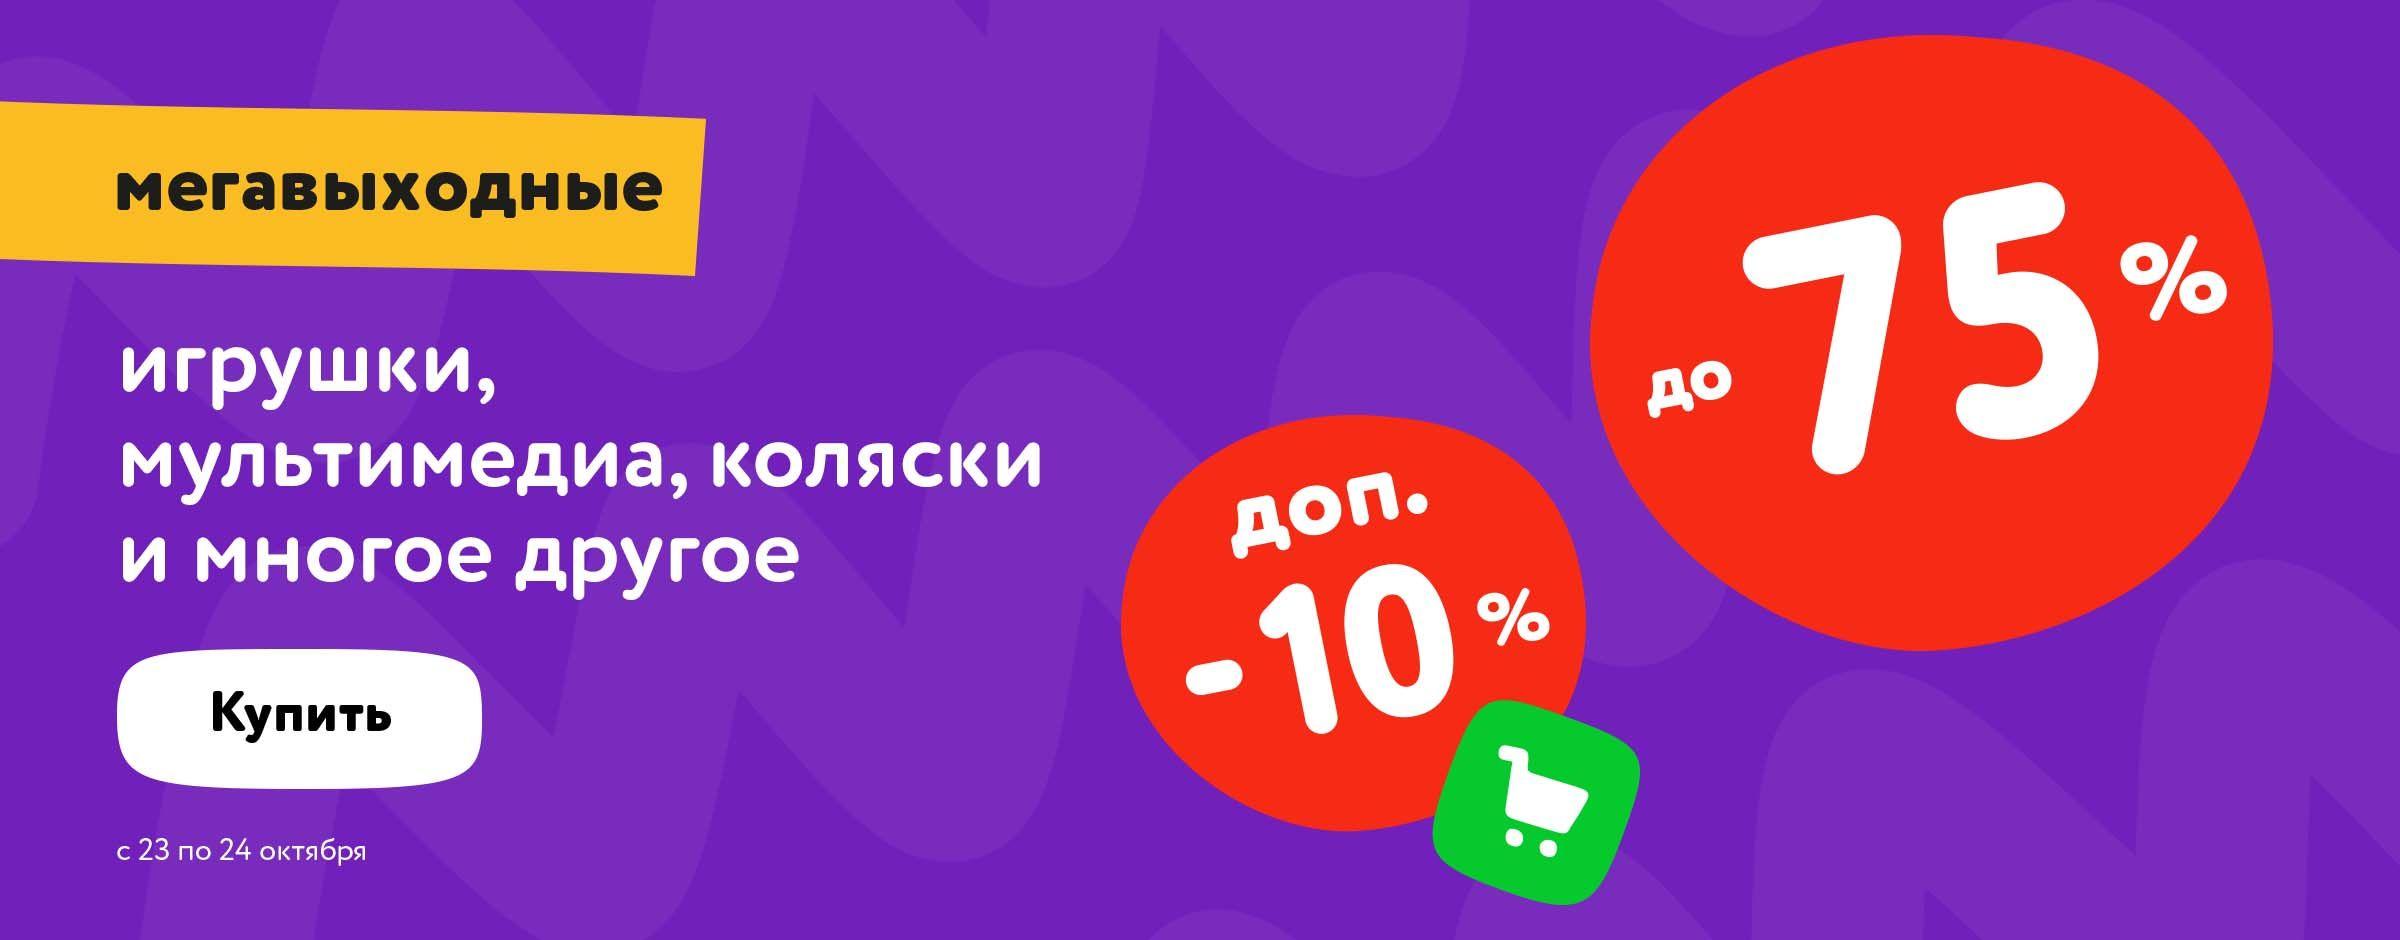 Скидка 10% на широкий ассортимент товаров в корзине